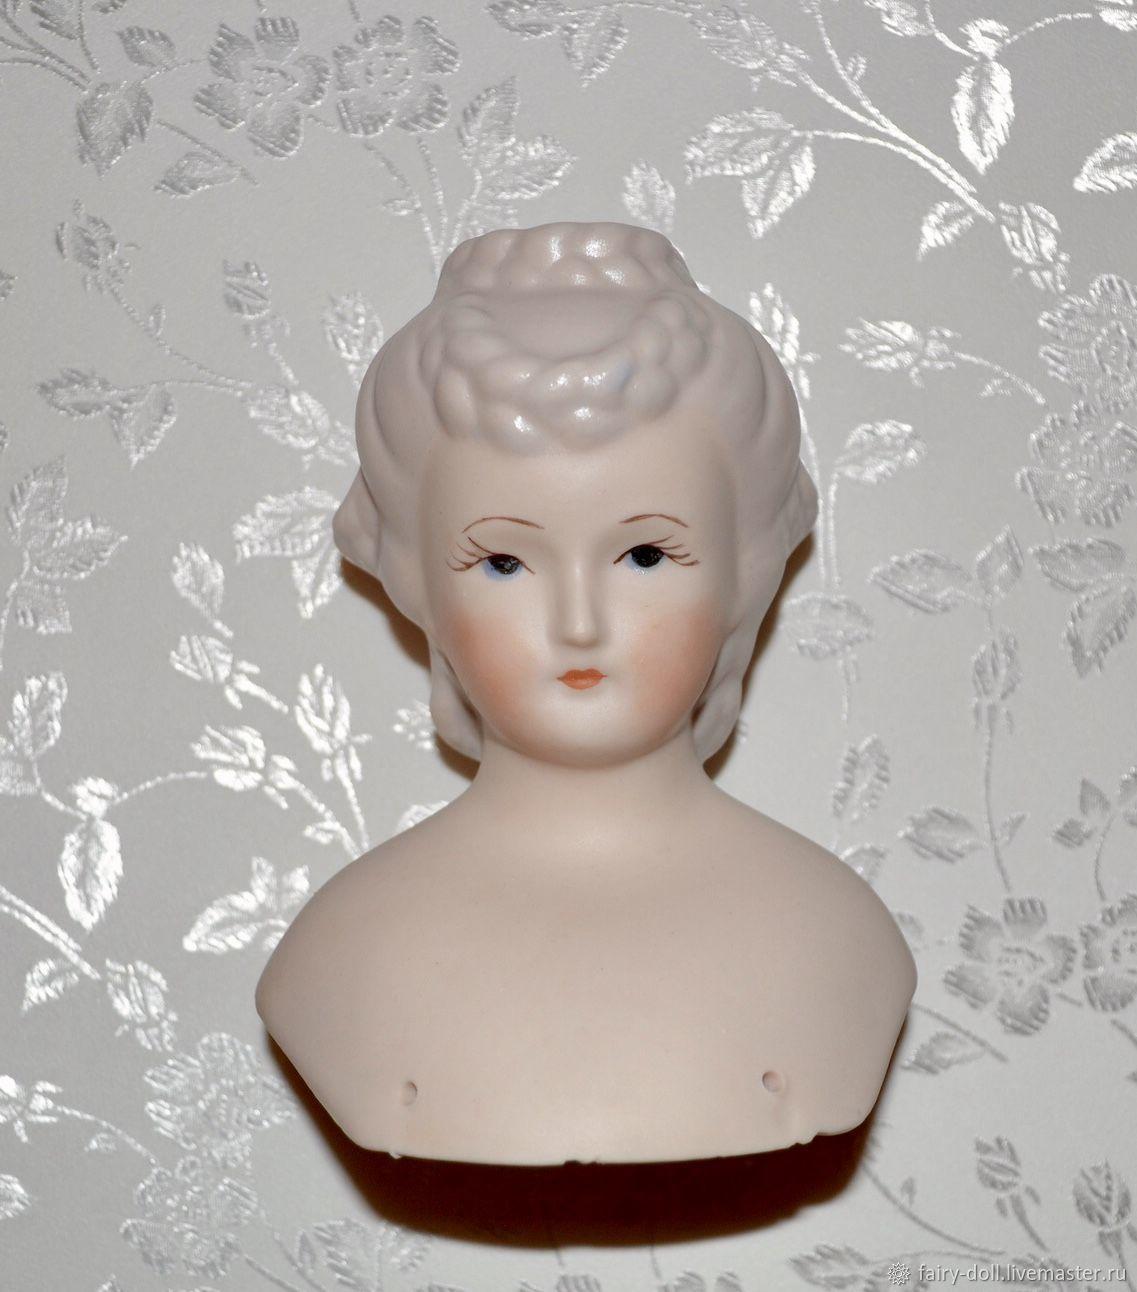 Винтаж: Старинная реплика антикварной куклы China doll, Куклы винтажные, Вышний Волочек,  Фото №1